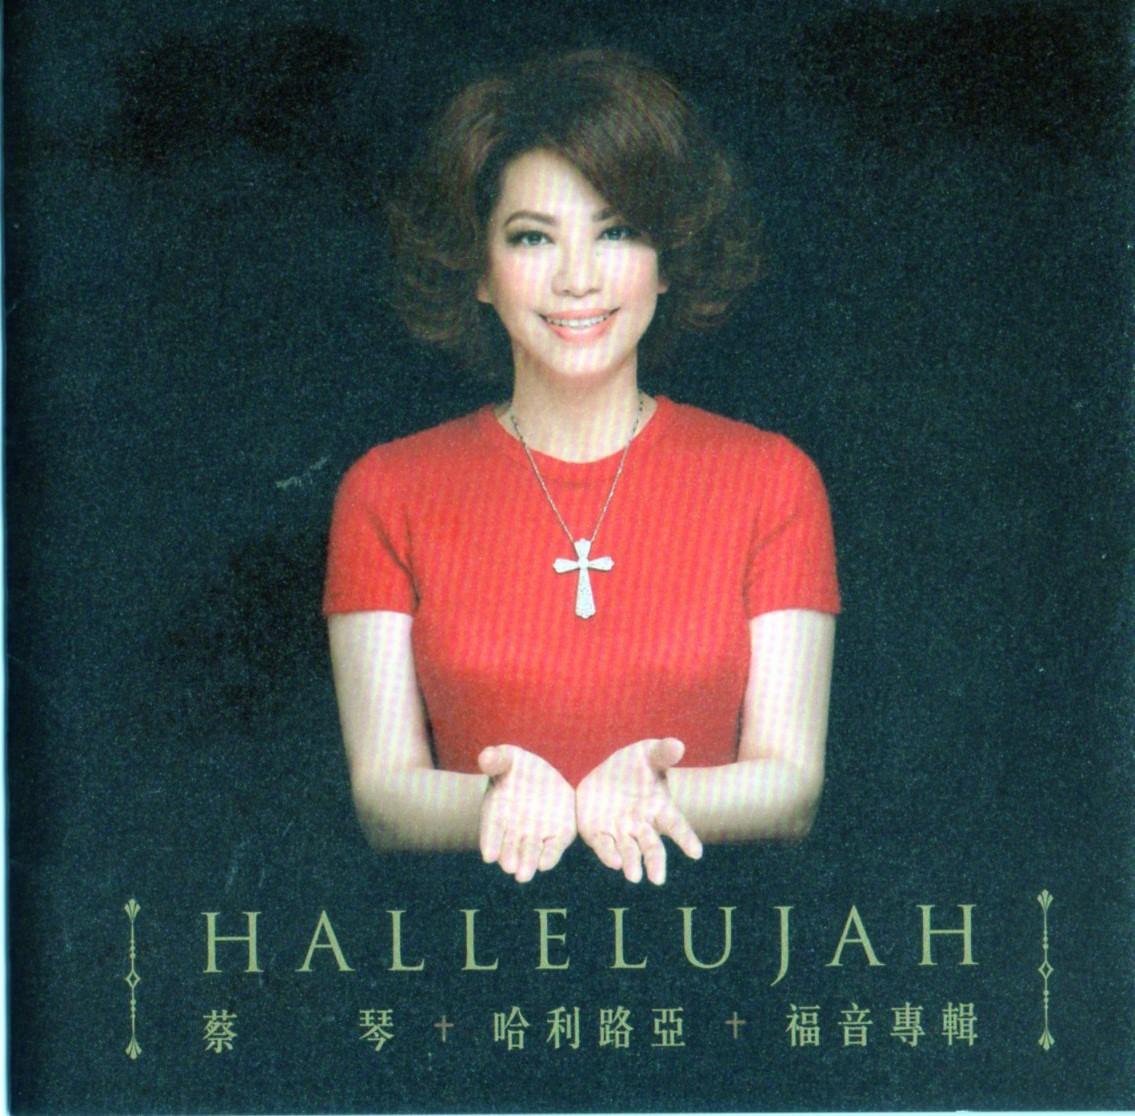 蔡琴哈利路亚原版歌谱